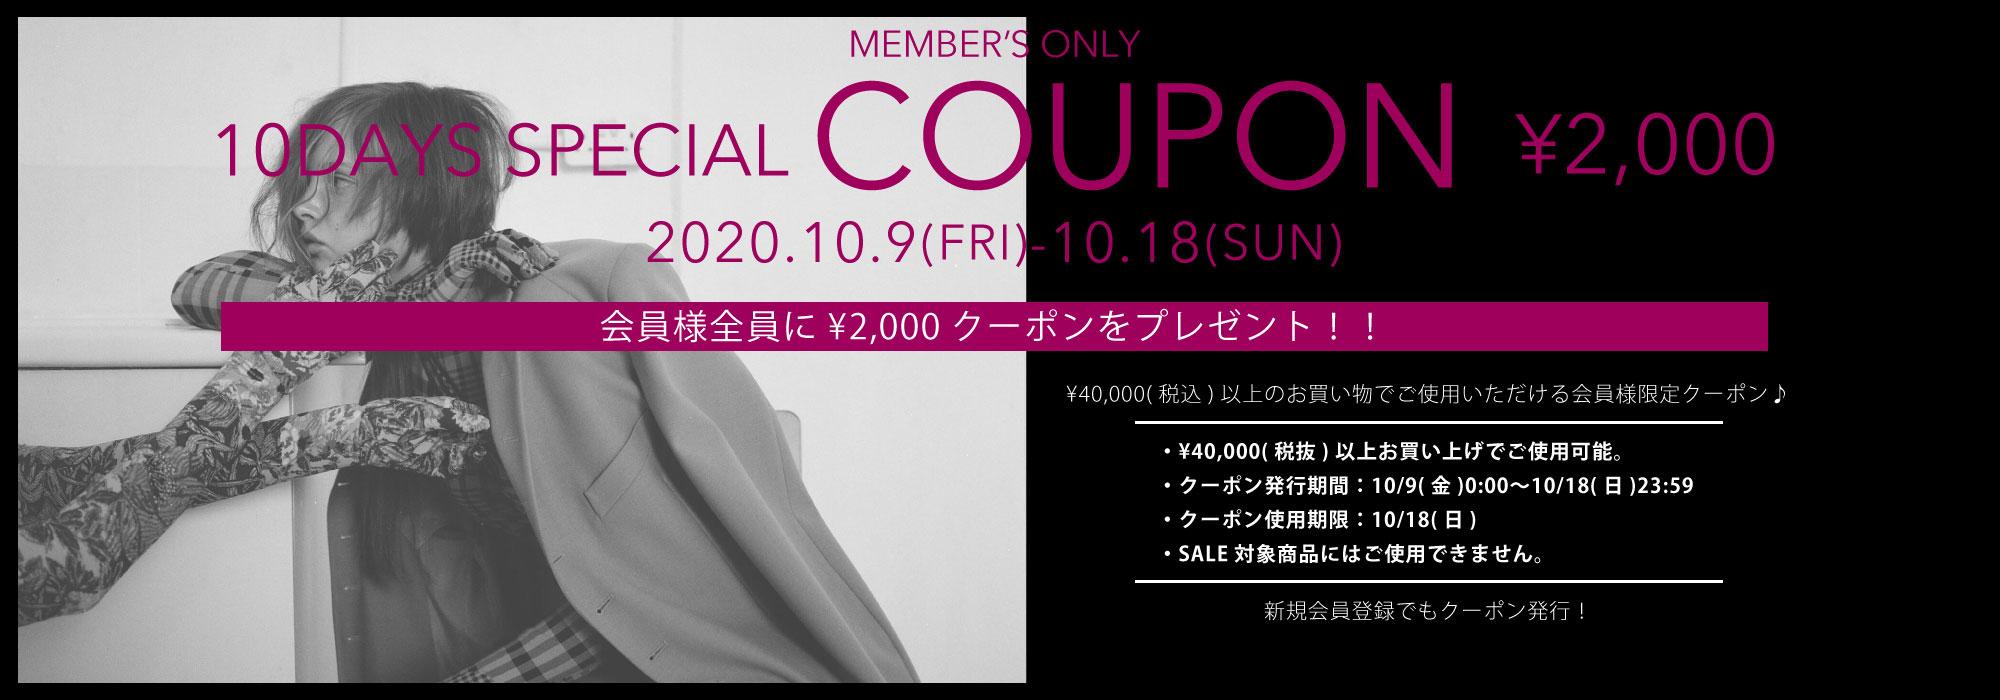 MOGGIE CO-OP 2000円クーポン